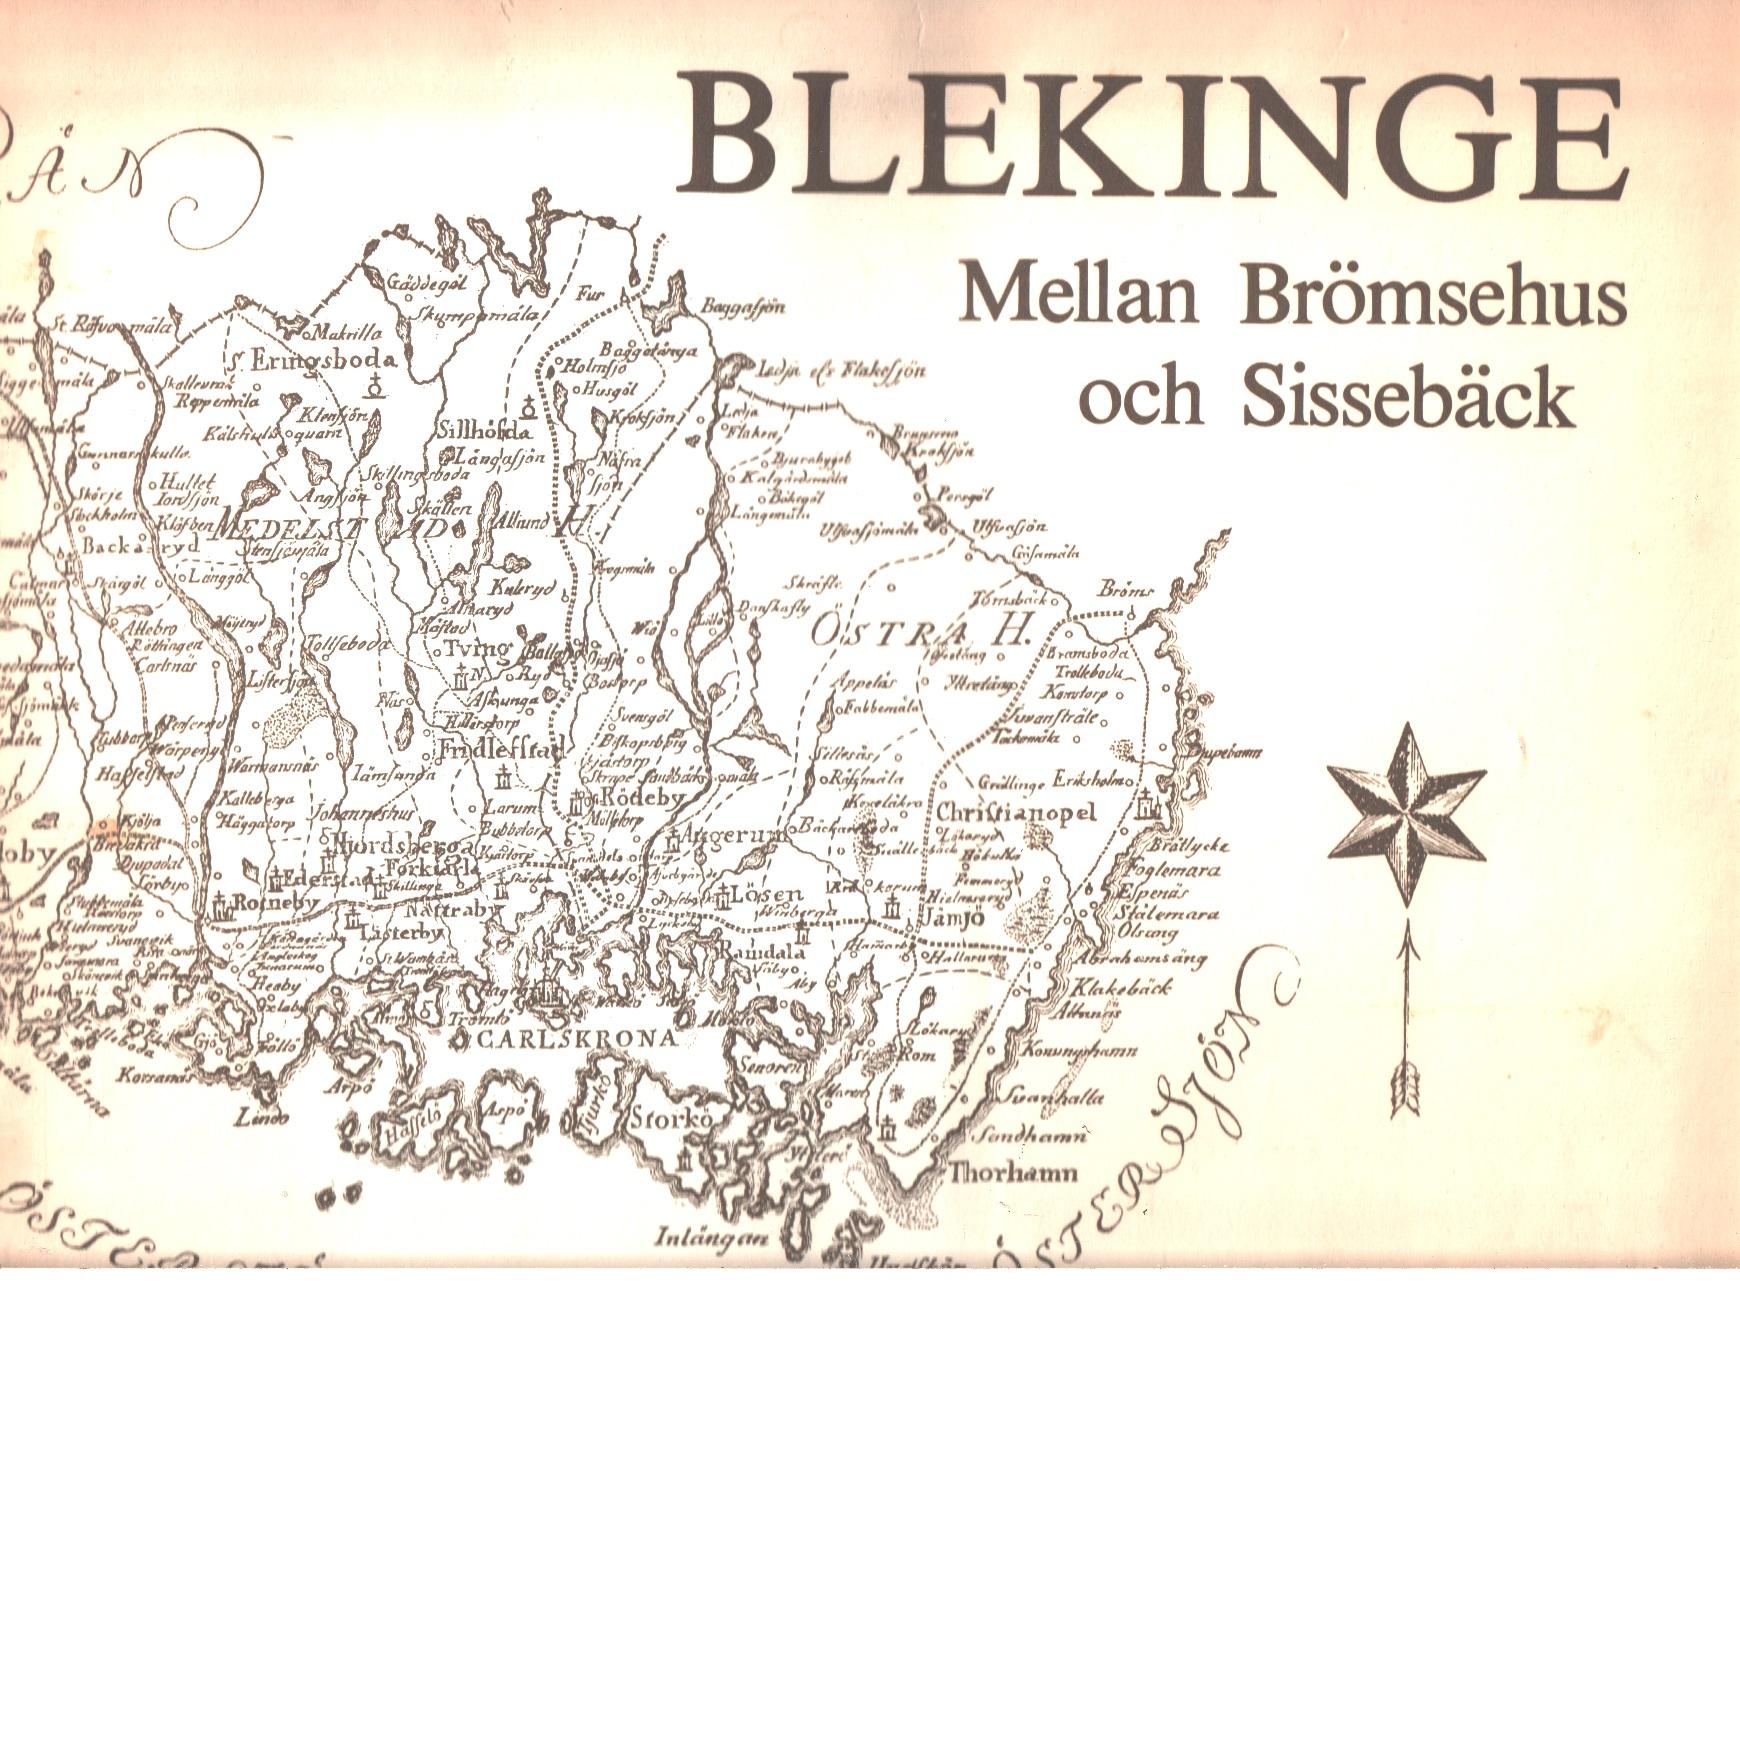 Blekinge : mellan Brömsehus och Sissebäck : en kulturhistorisk krönika för envar - Jonsson, Anne-beate Och Petersson, Thorsten